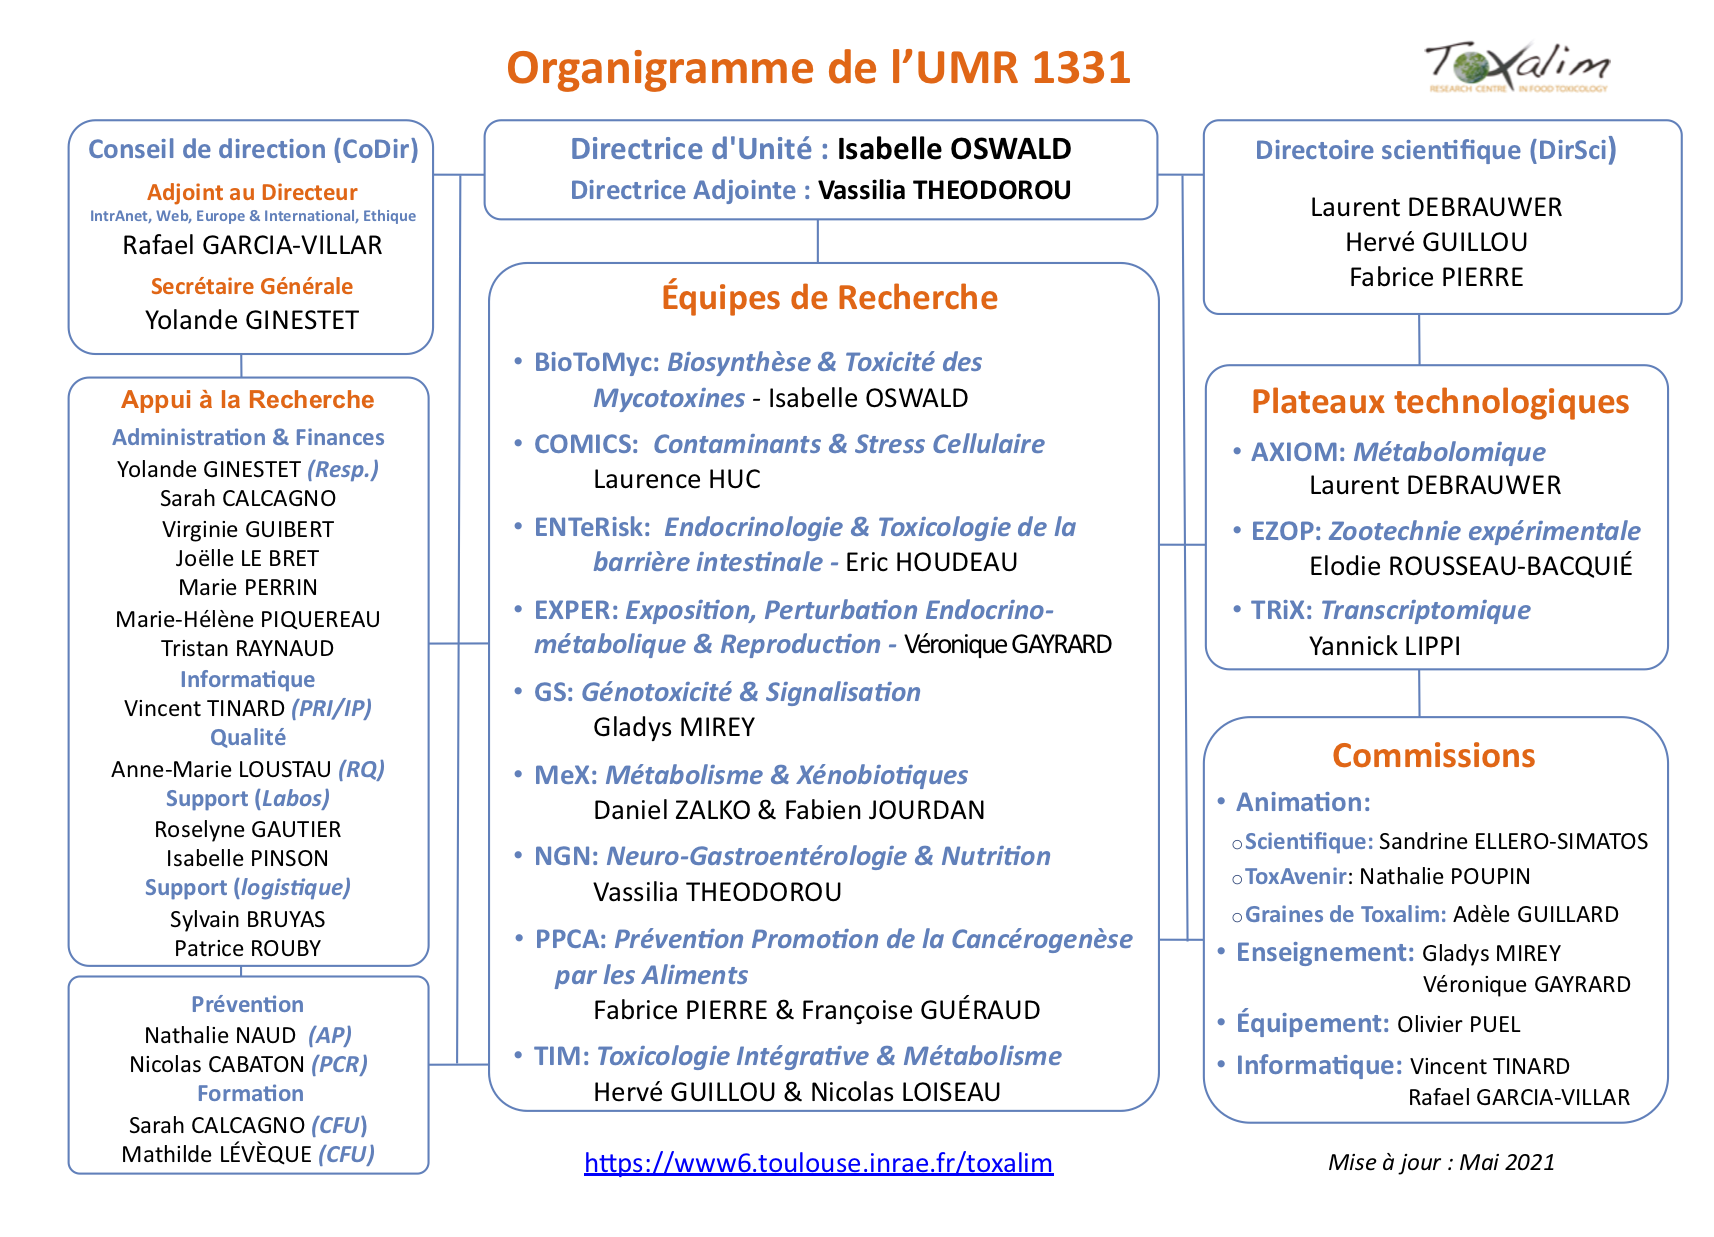 organigramme toxalim_V17_202105